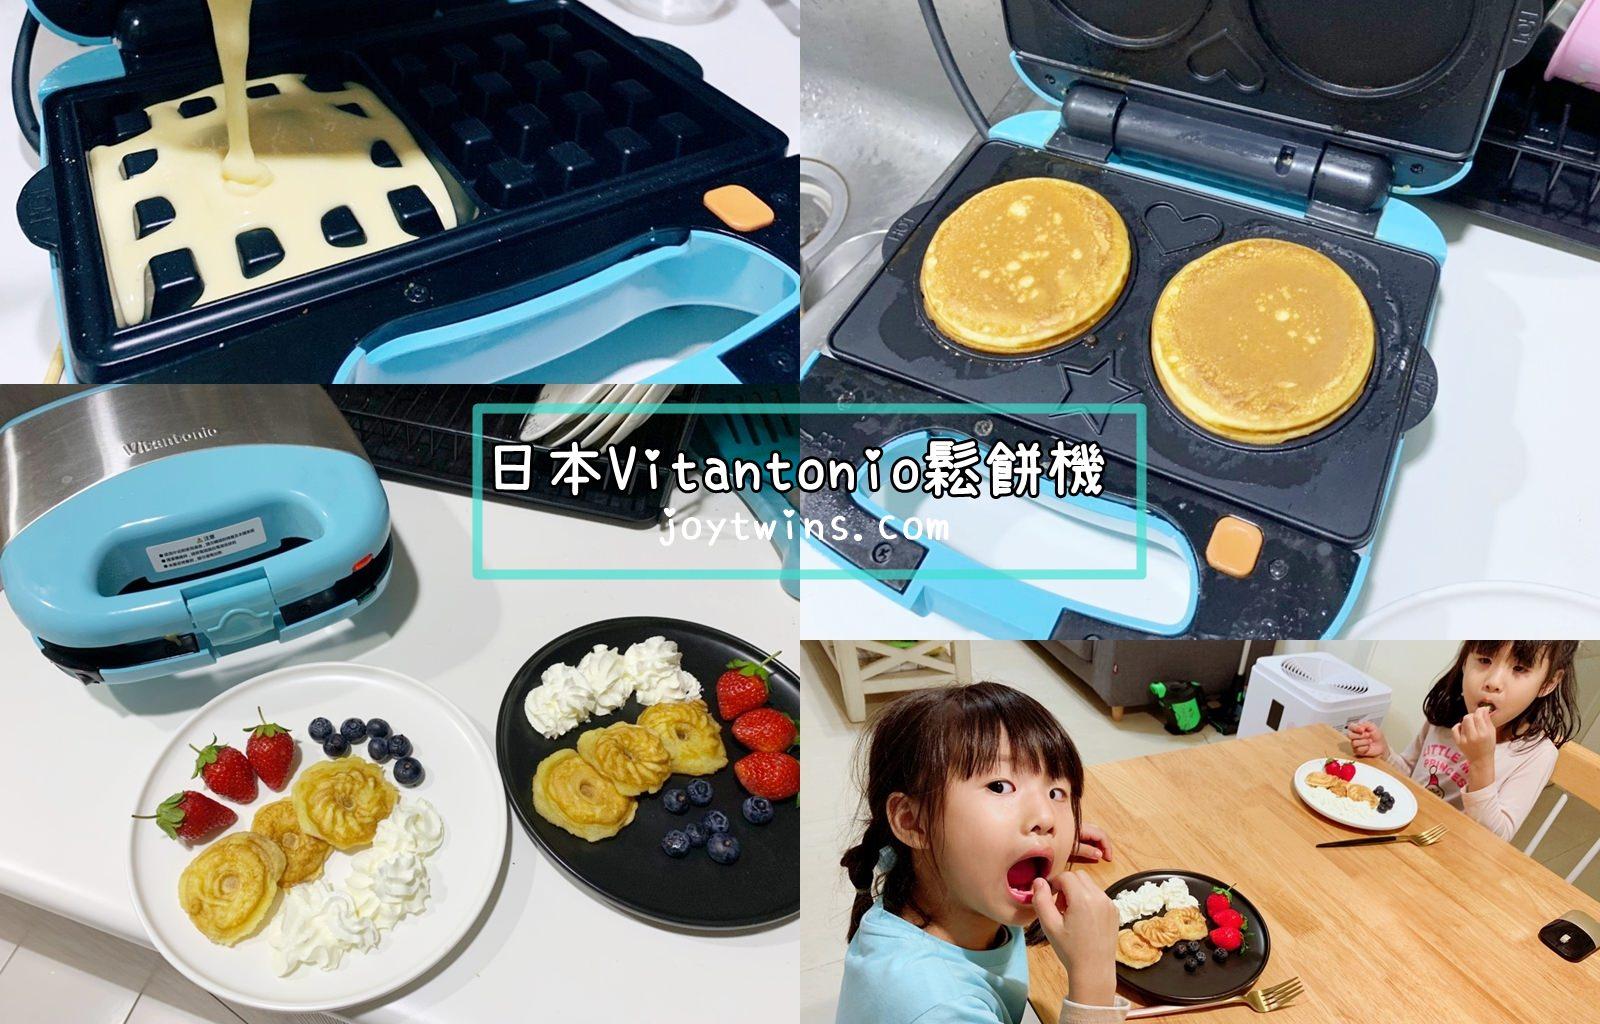 【廚具】日本Vitantonio鬆餅機 廚房界的夢幻逸品~ 隨時做出超讚鬆餅 (一機四盤) 限定色 tiffany藍